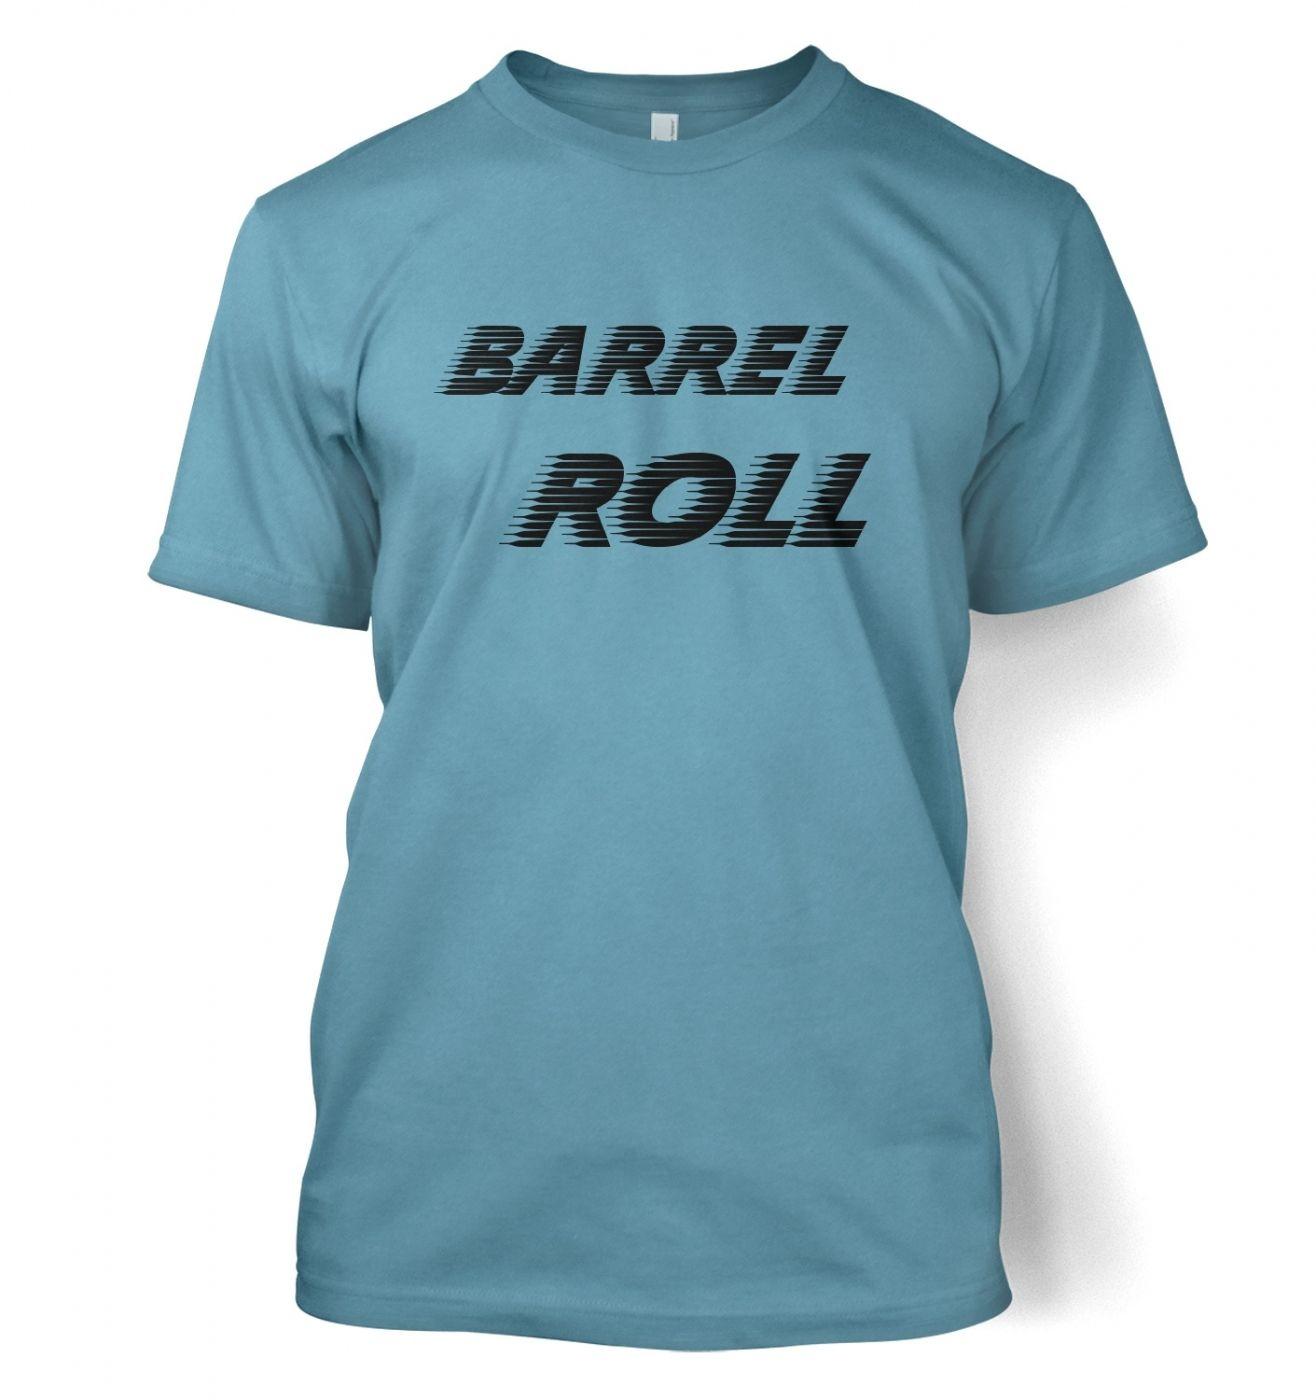 Do a Barrel roll men's t-shirt